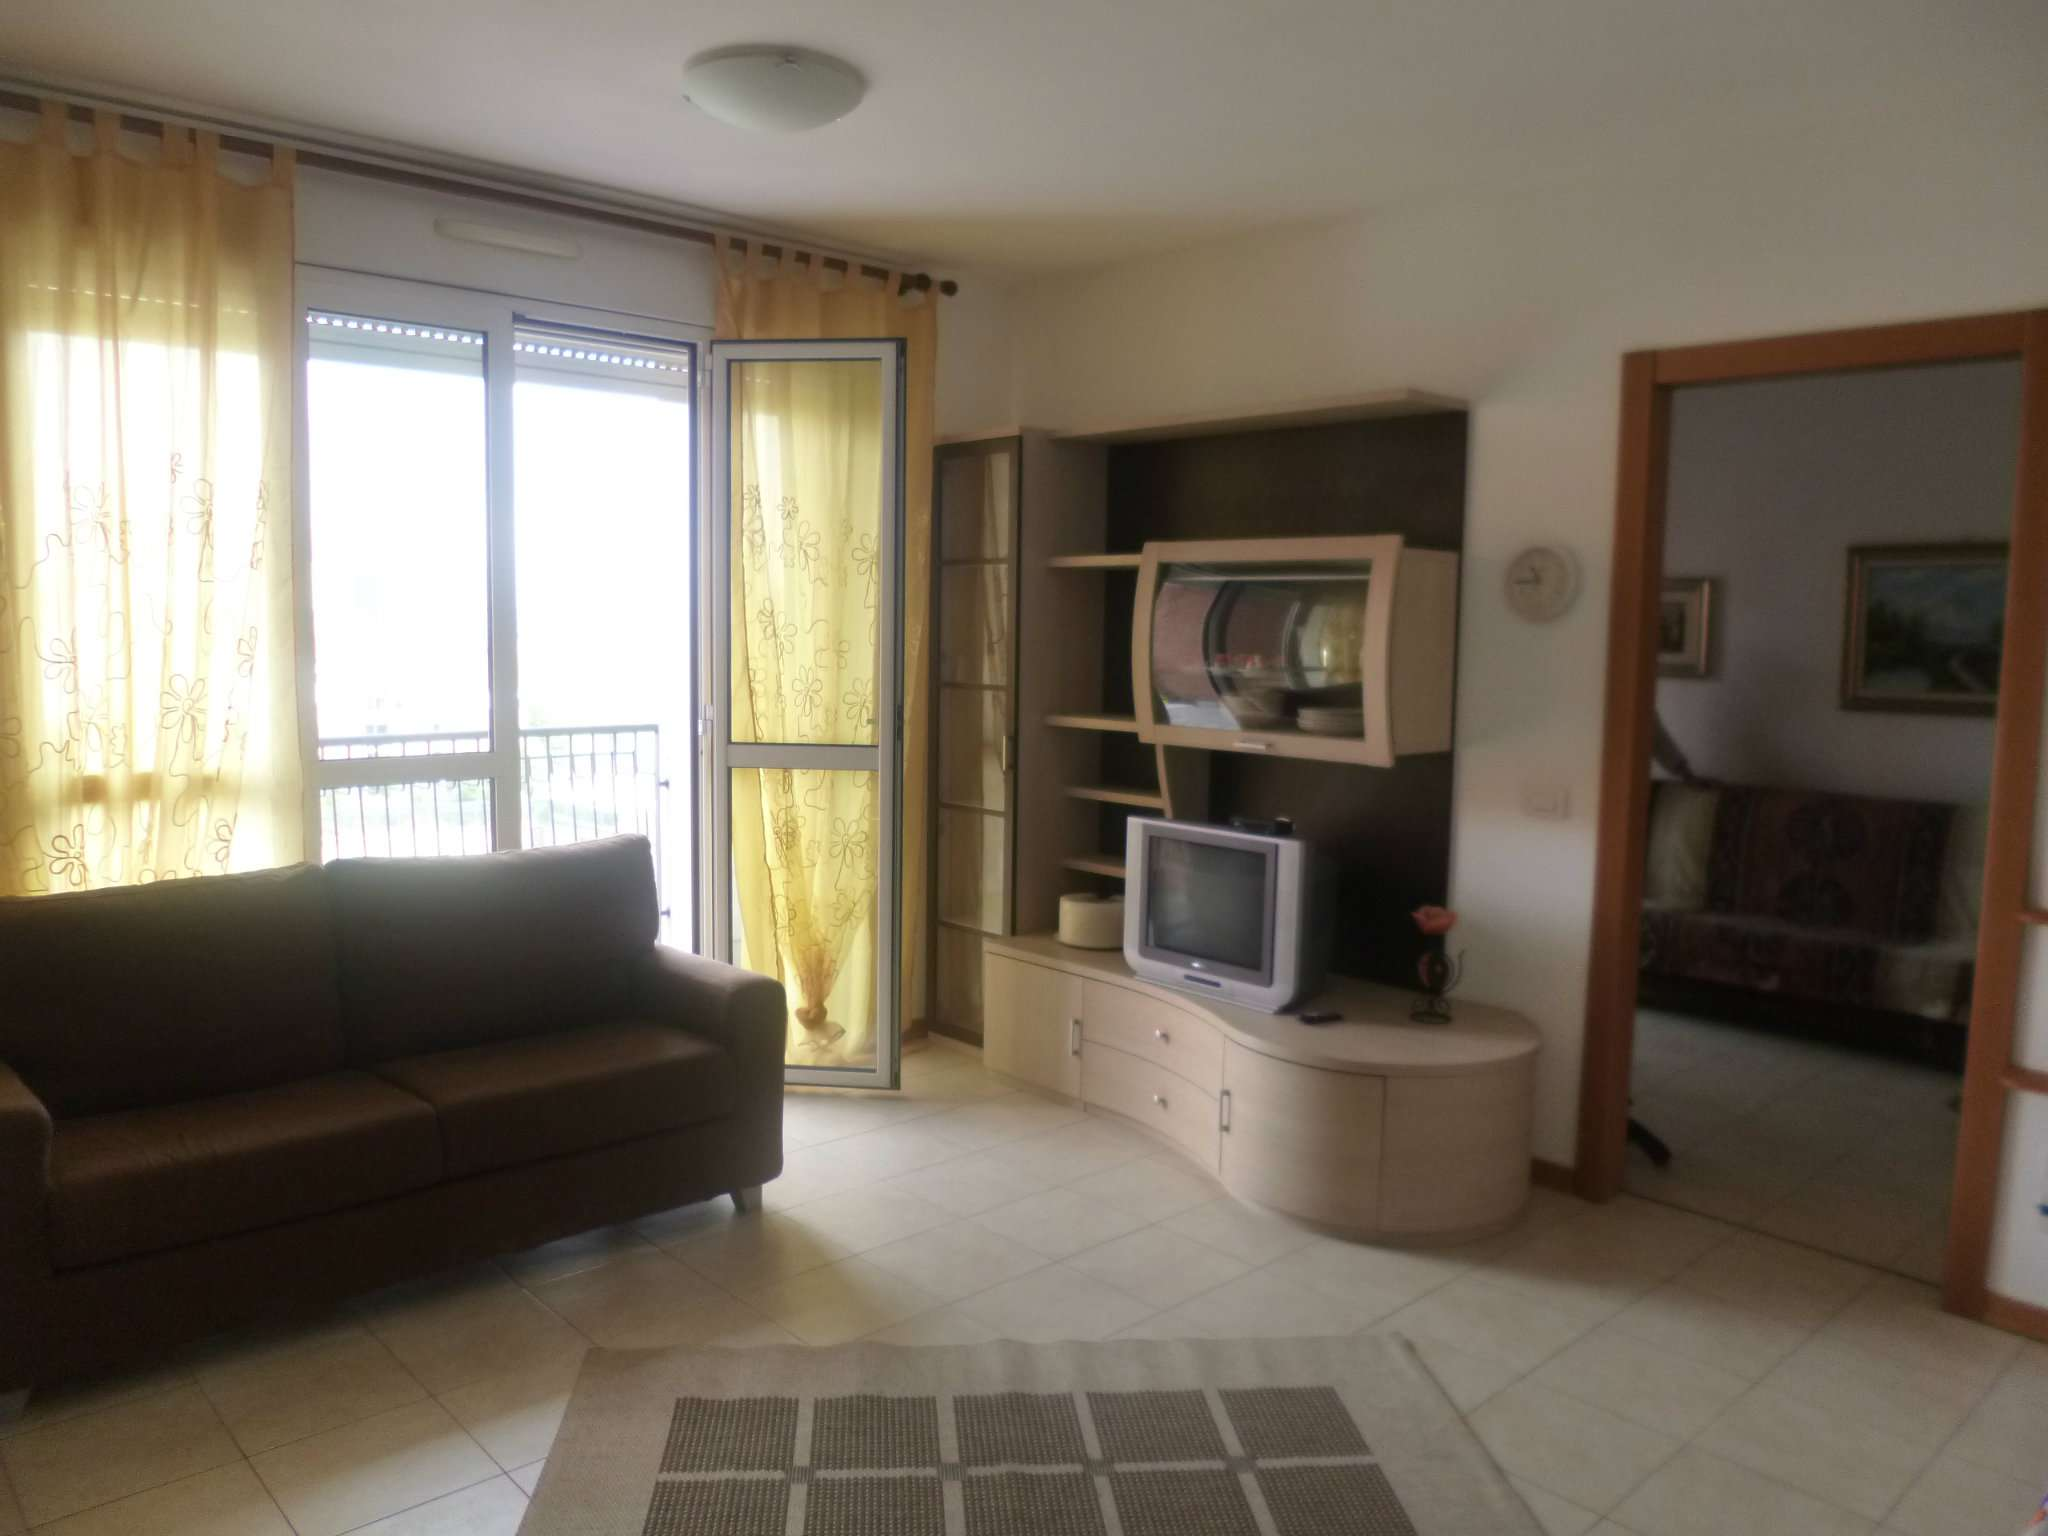 Appartamento in affitto a Vimodrone, 2 locali, prezzo € 865 | CambioCasa.it